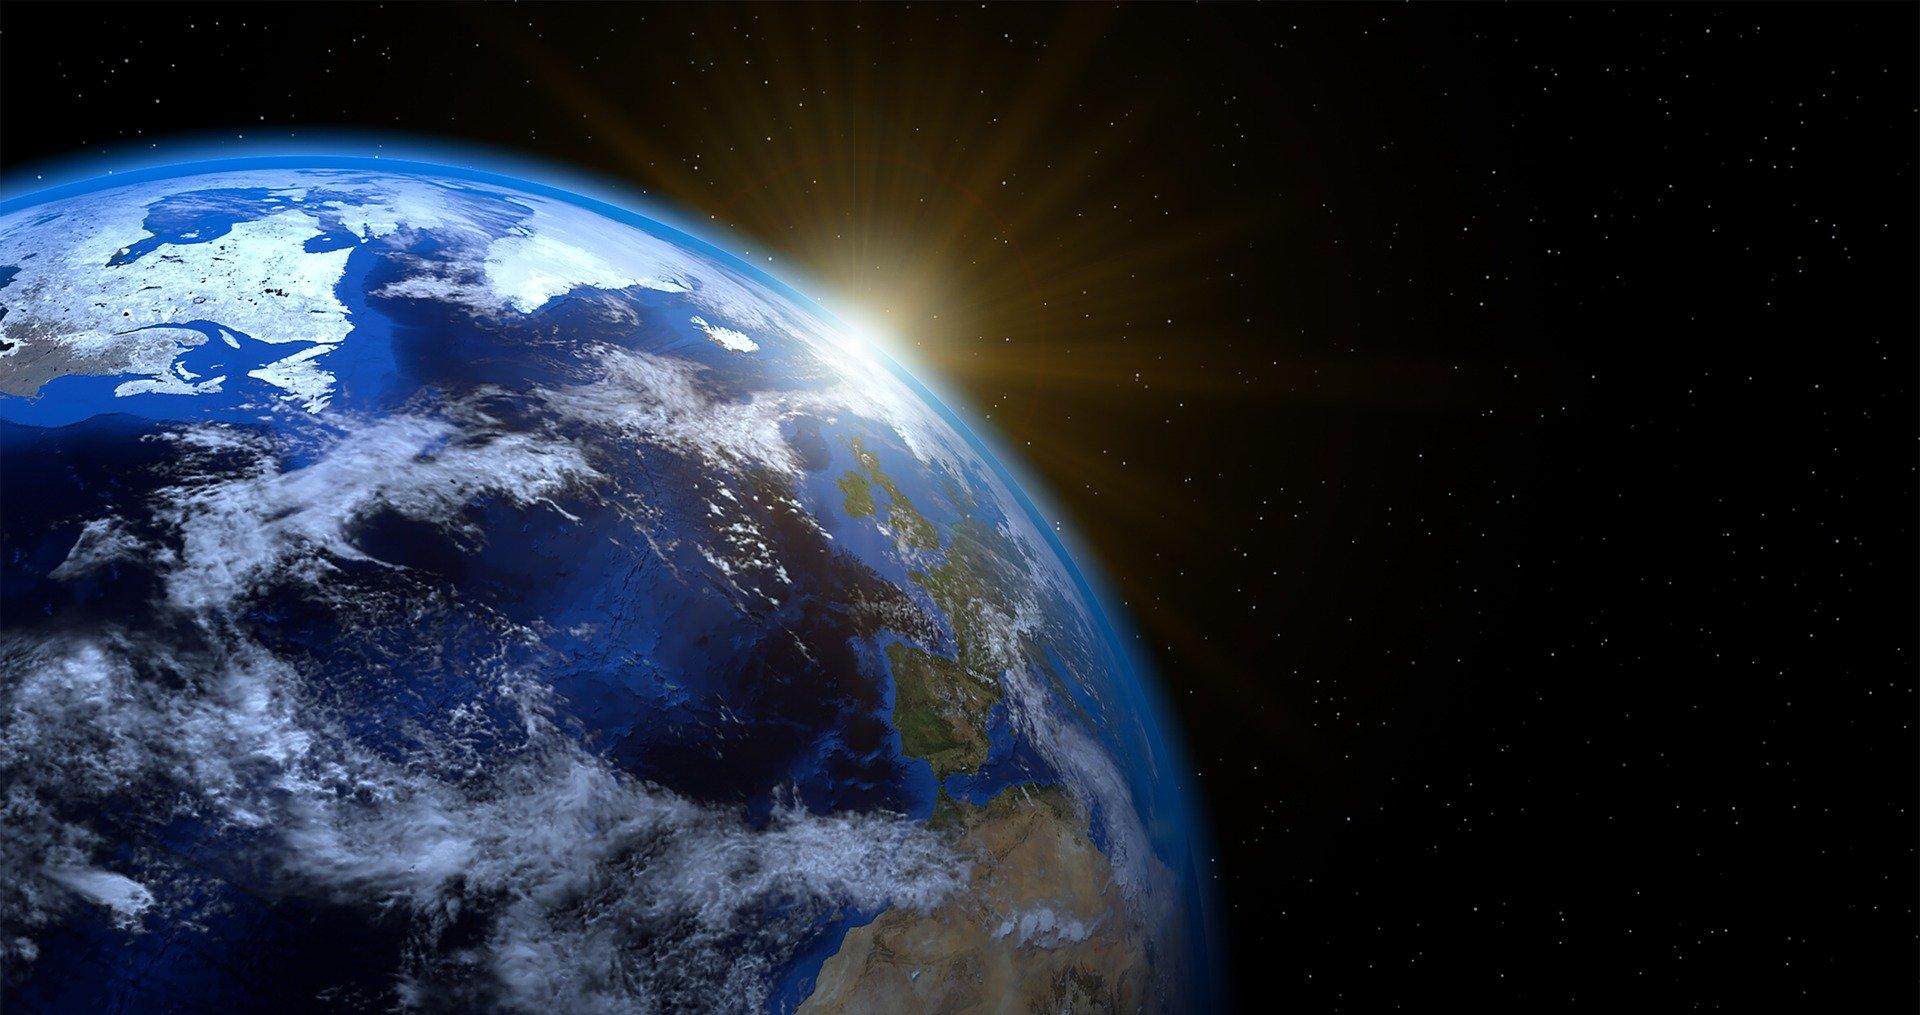 Wir berichten in diesem Beitrag über unsere Erkenntnisse zum Thema Geopathie und geopathische Belastungen.